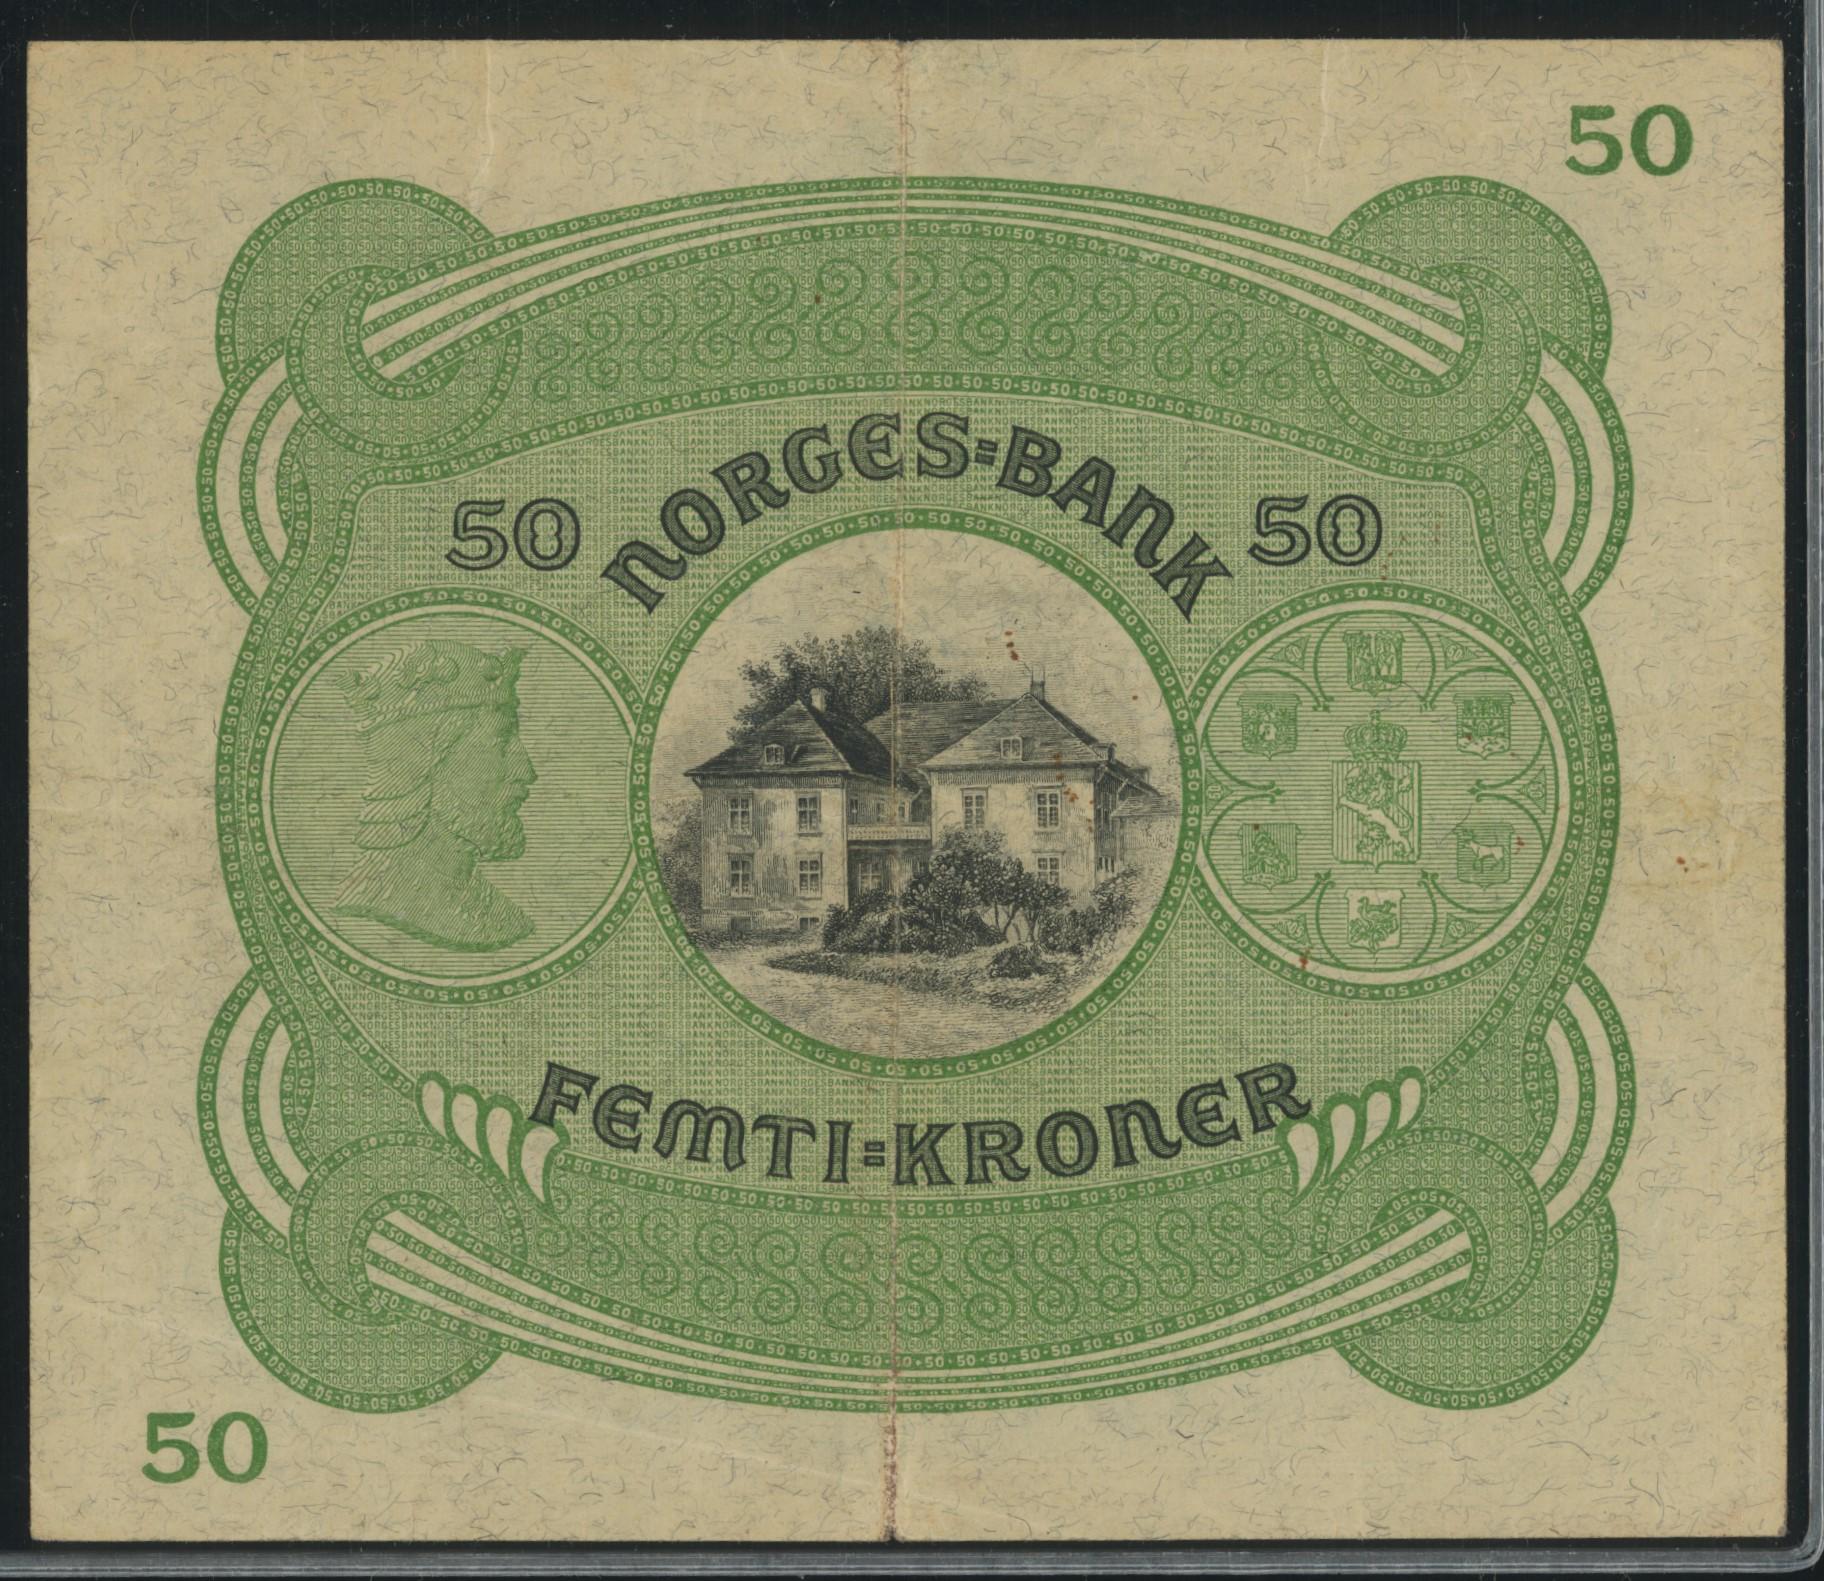 Lot 484 - 50-kr  -  Skanfil Auksjoner AS  Public auction 211